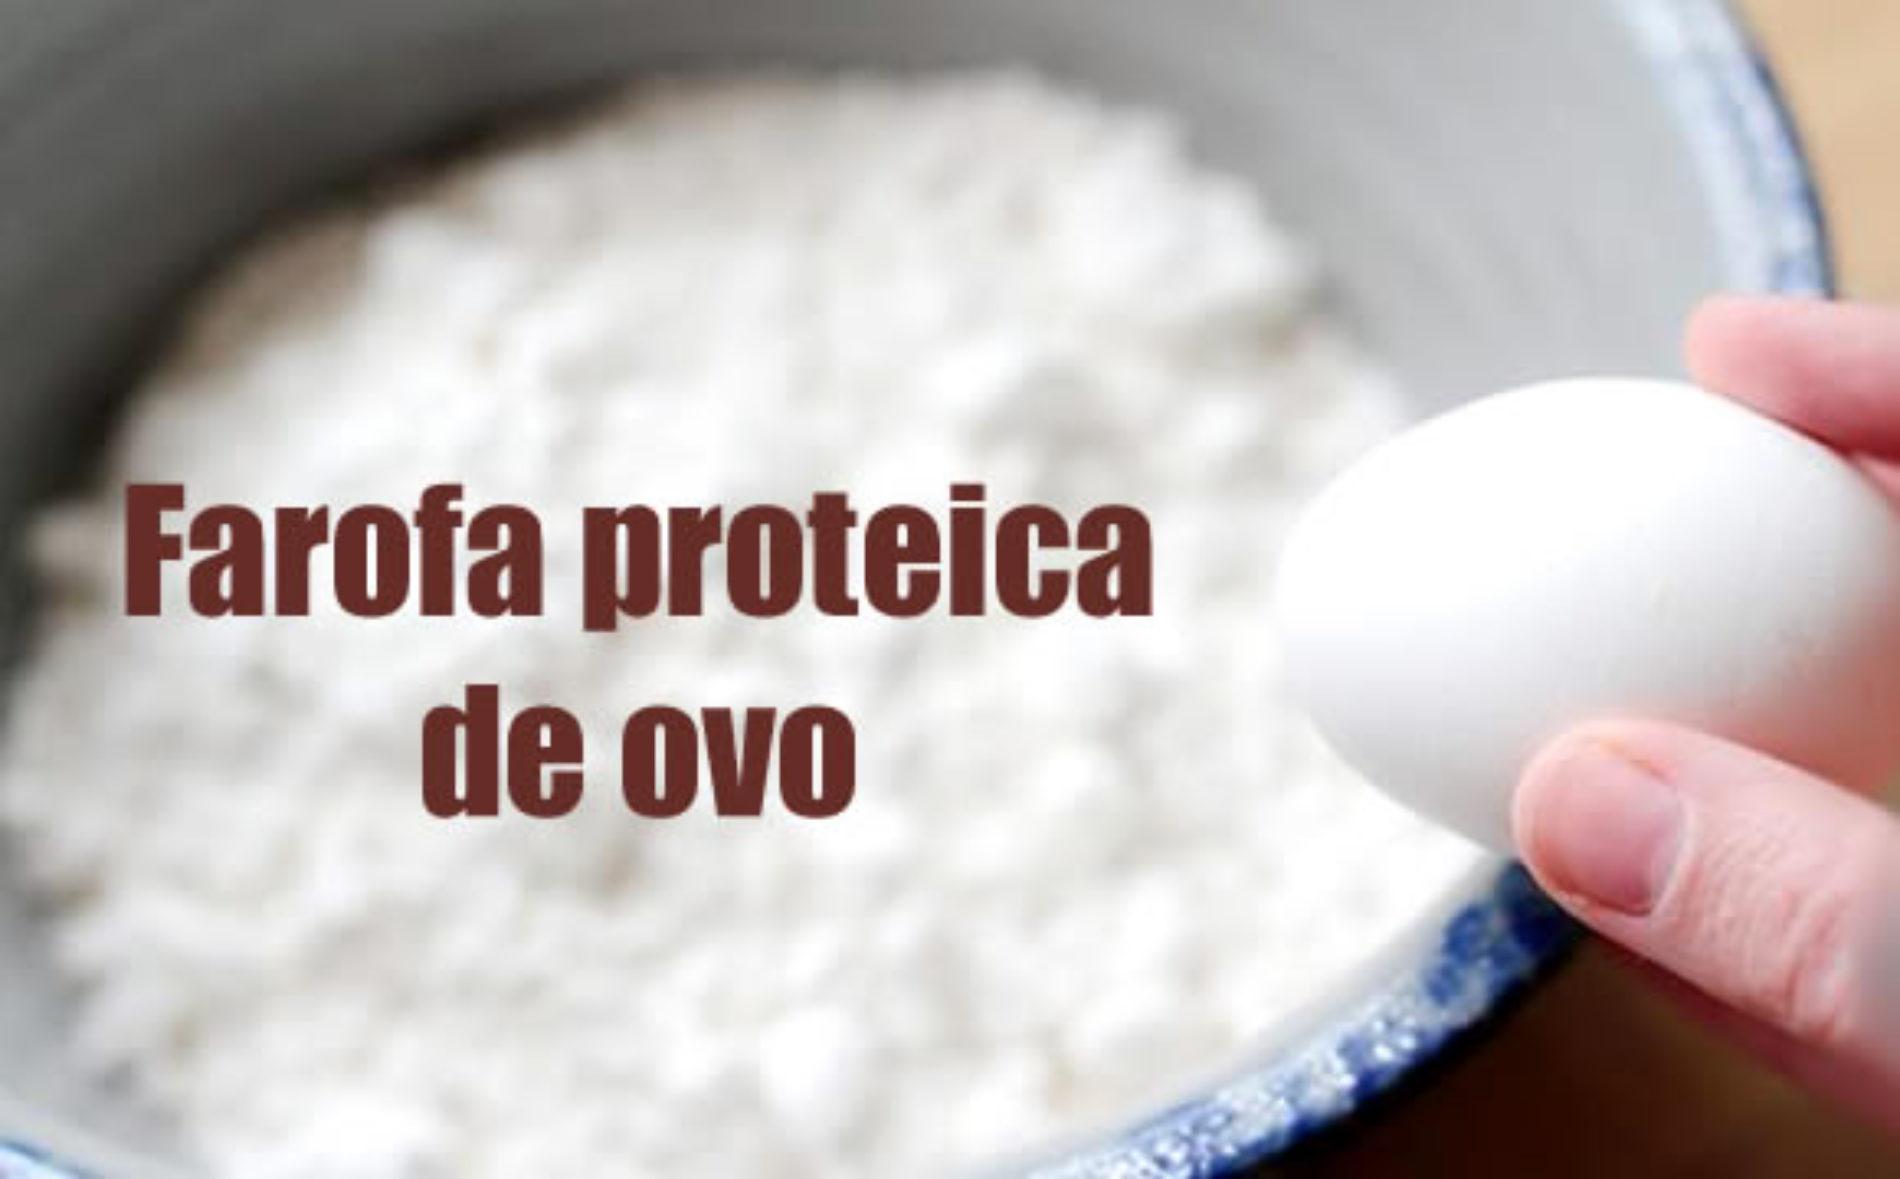 Farofa proteica de Ovo